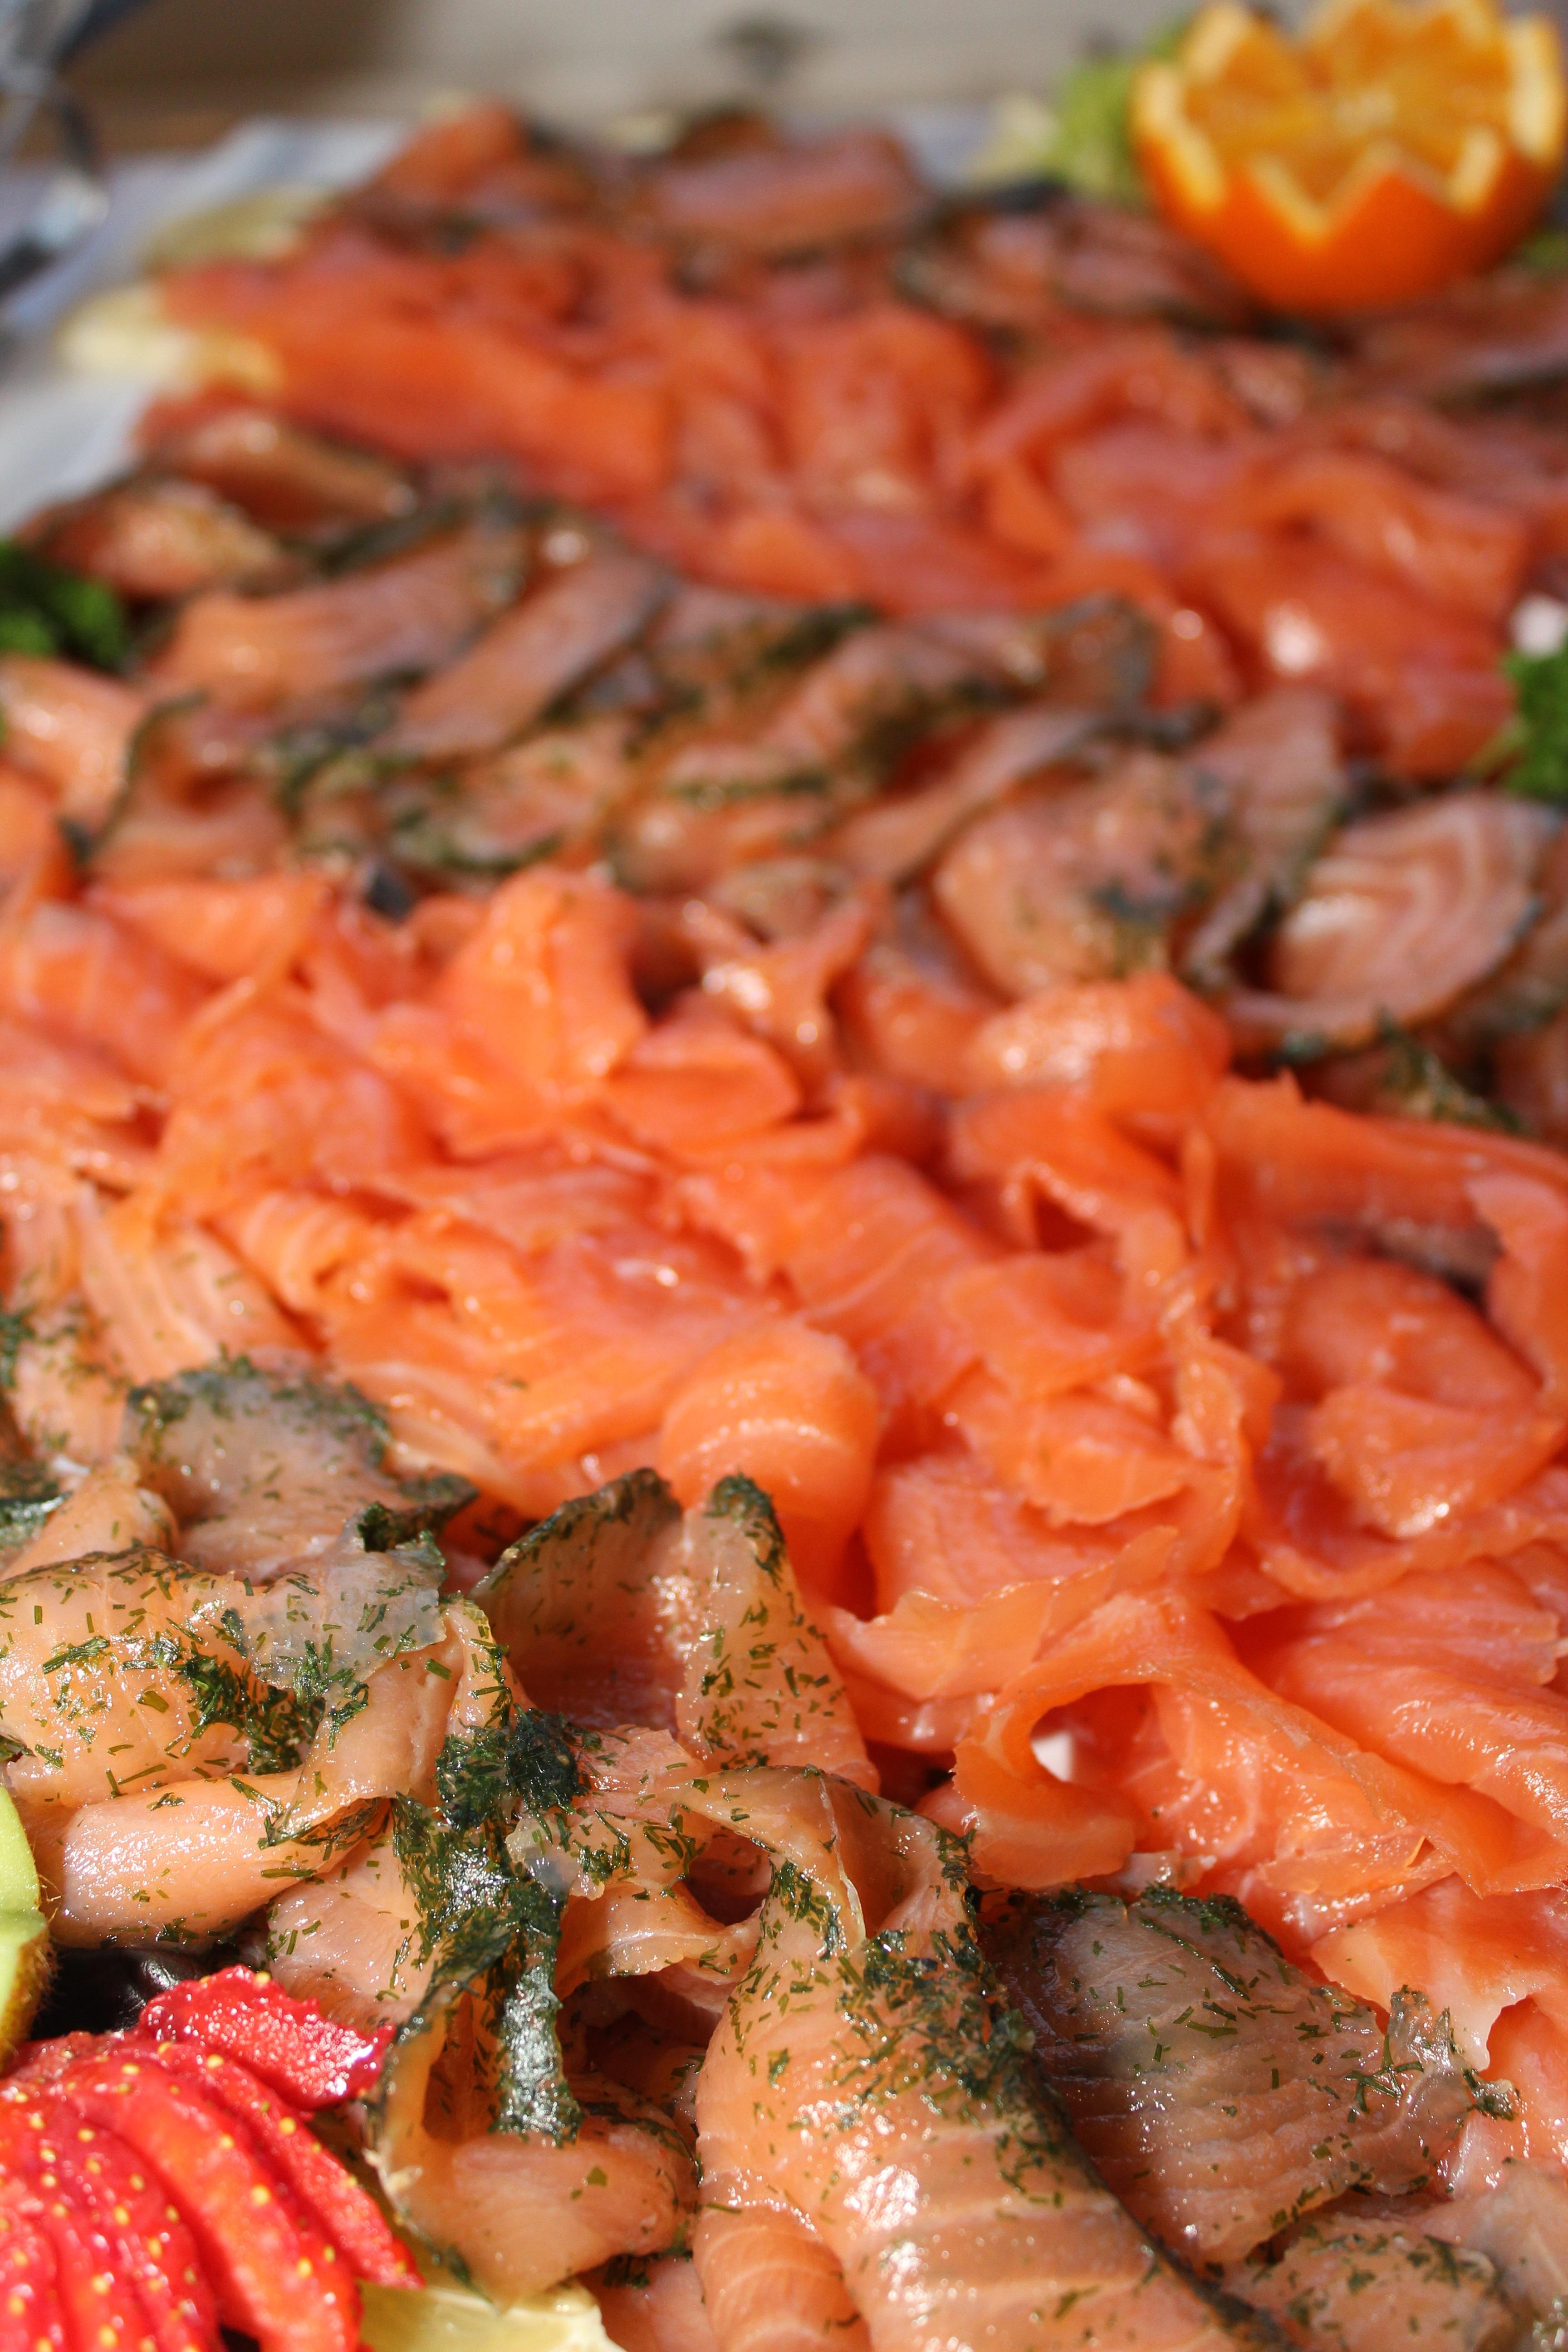 Füme Balık Tabağı